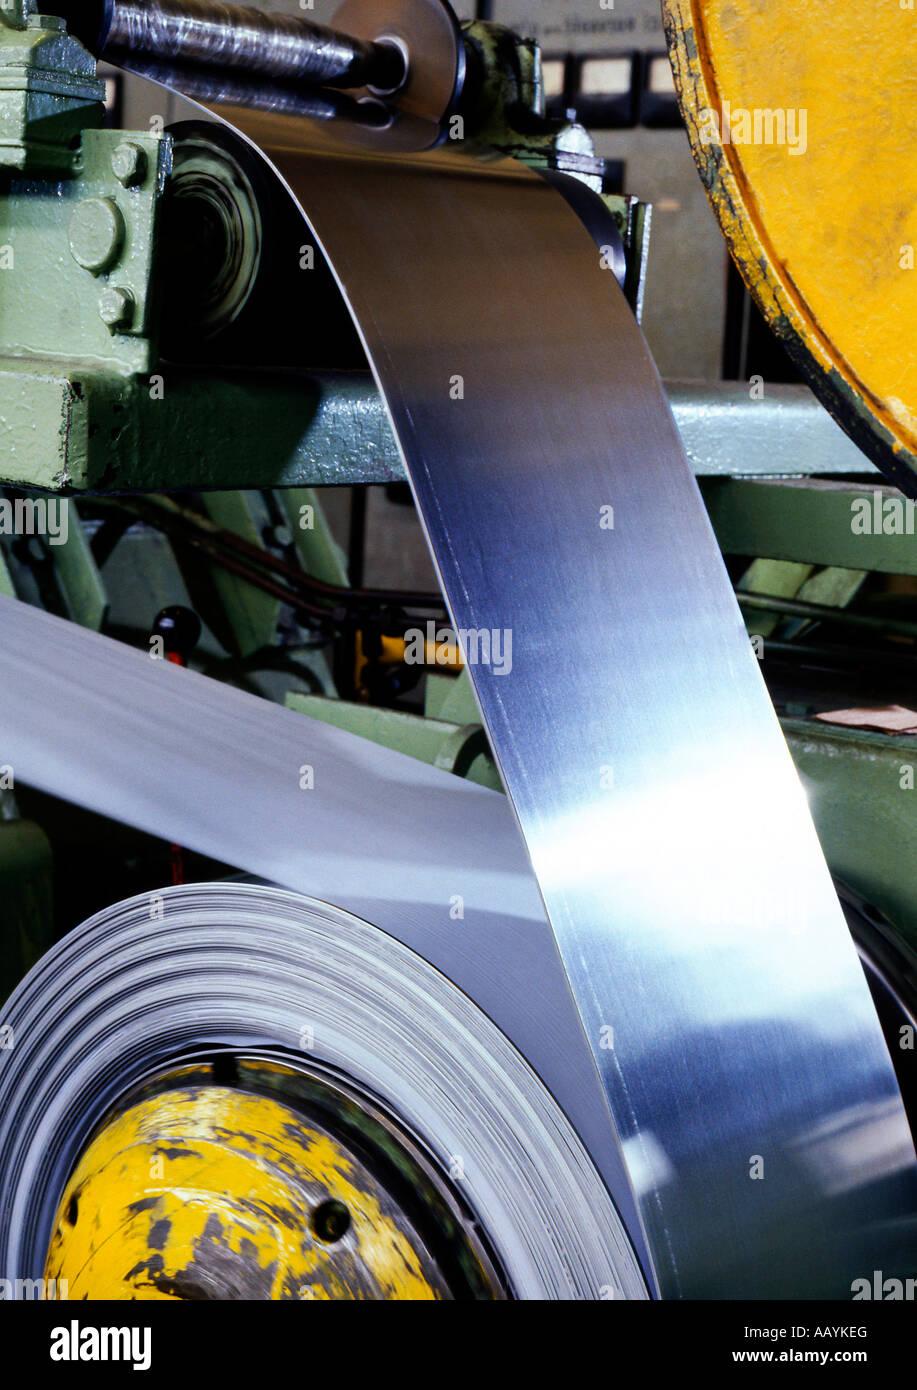 La production d'acier et de fer forge Industrie usine de laminage de bande Photo Stock